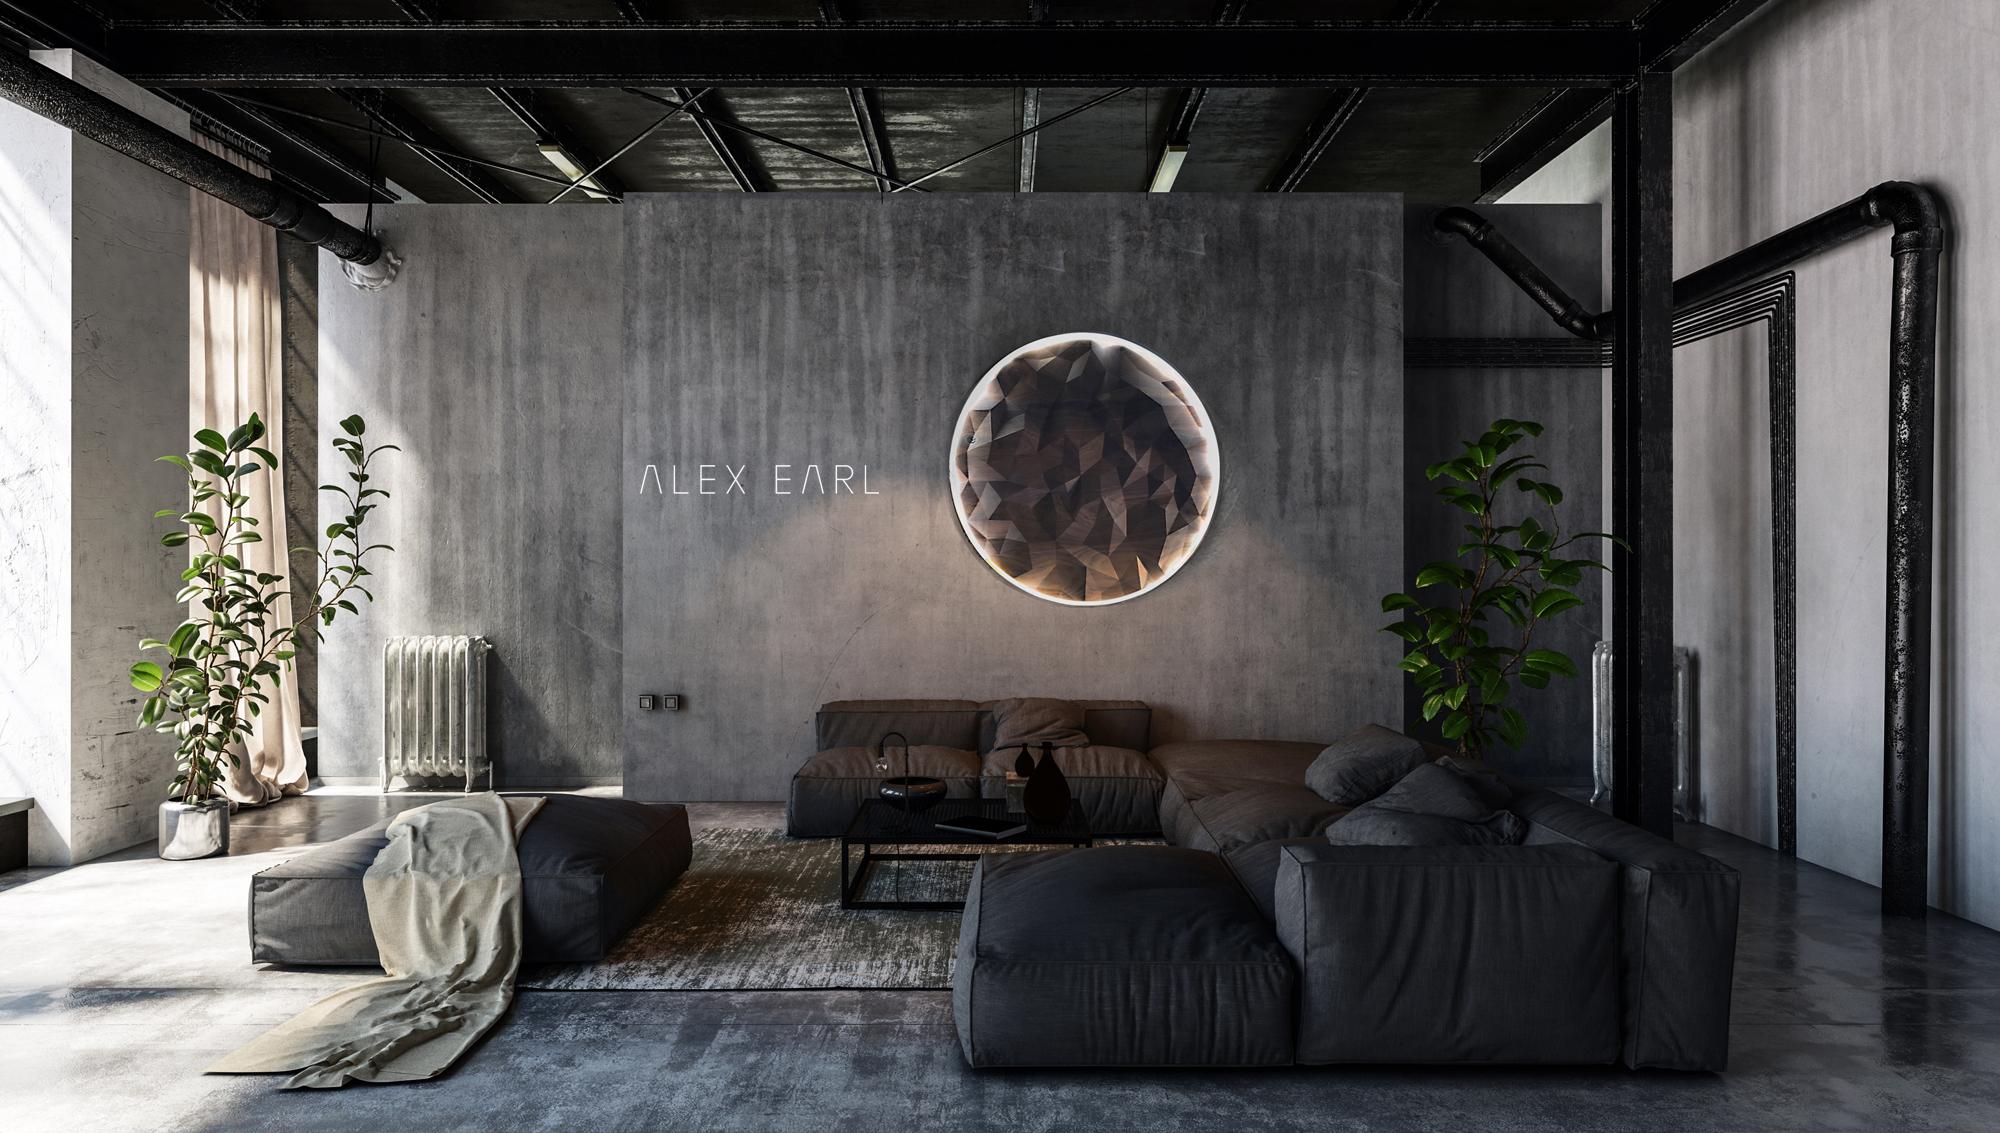 Alex-Earl-melbourne-designer-lighting-store-telegon-wall-light.jpg